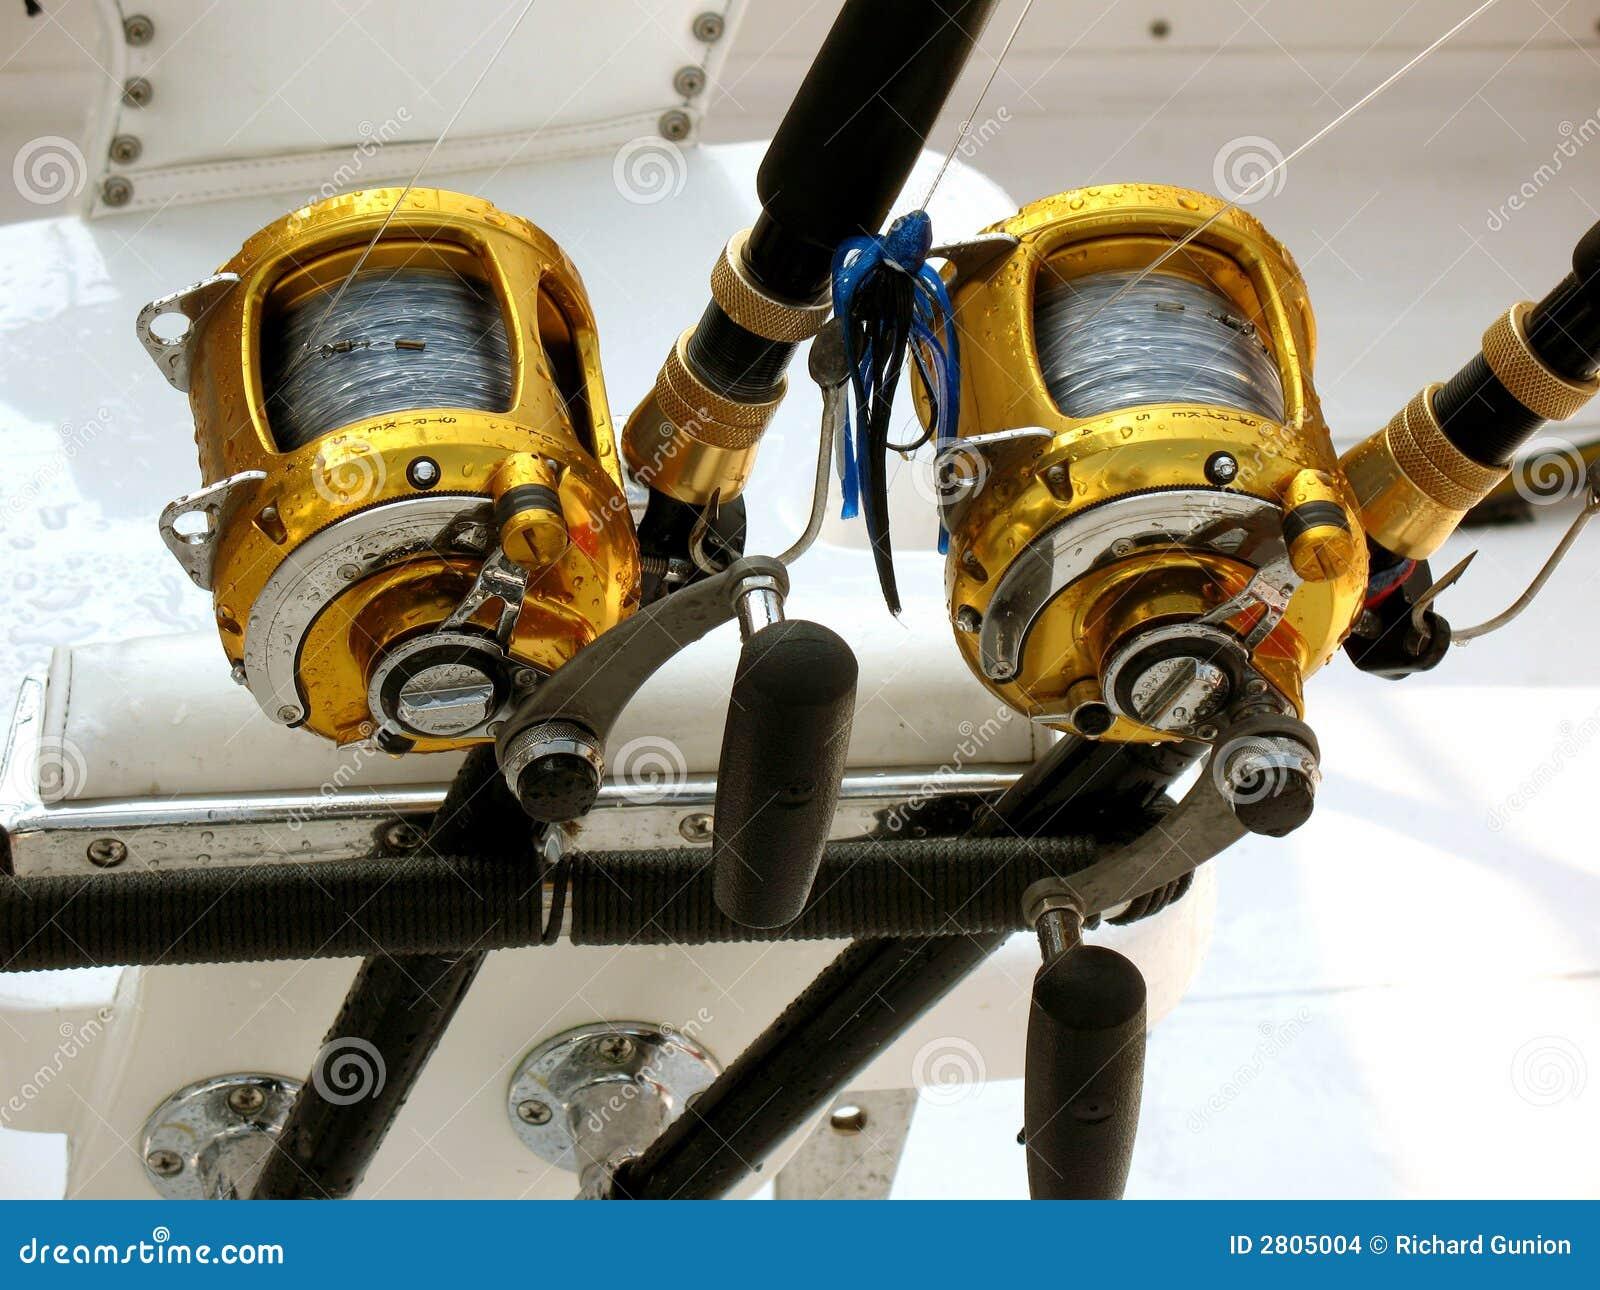 Offshore Fishing Equipment stock photo. Image of equipment ...